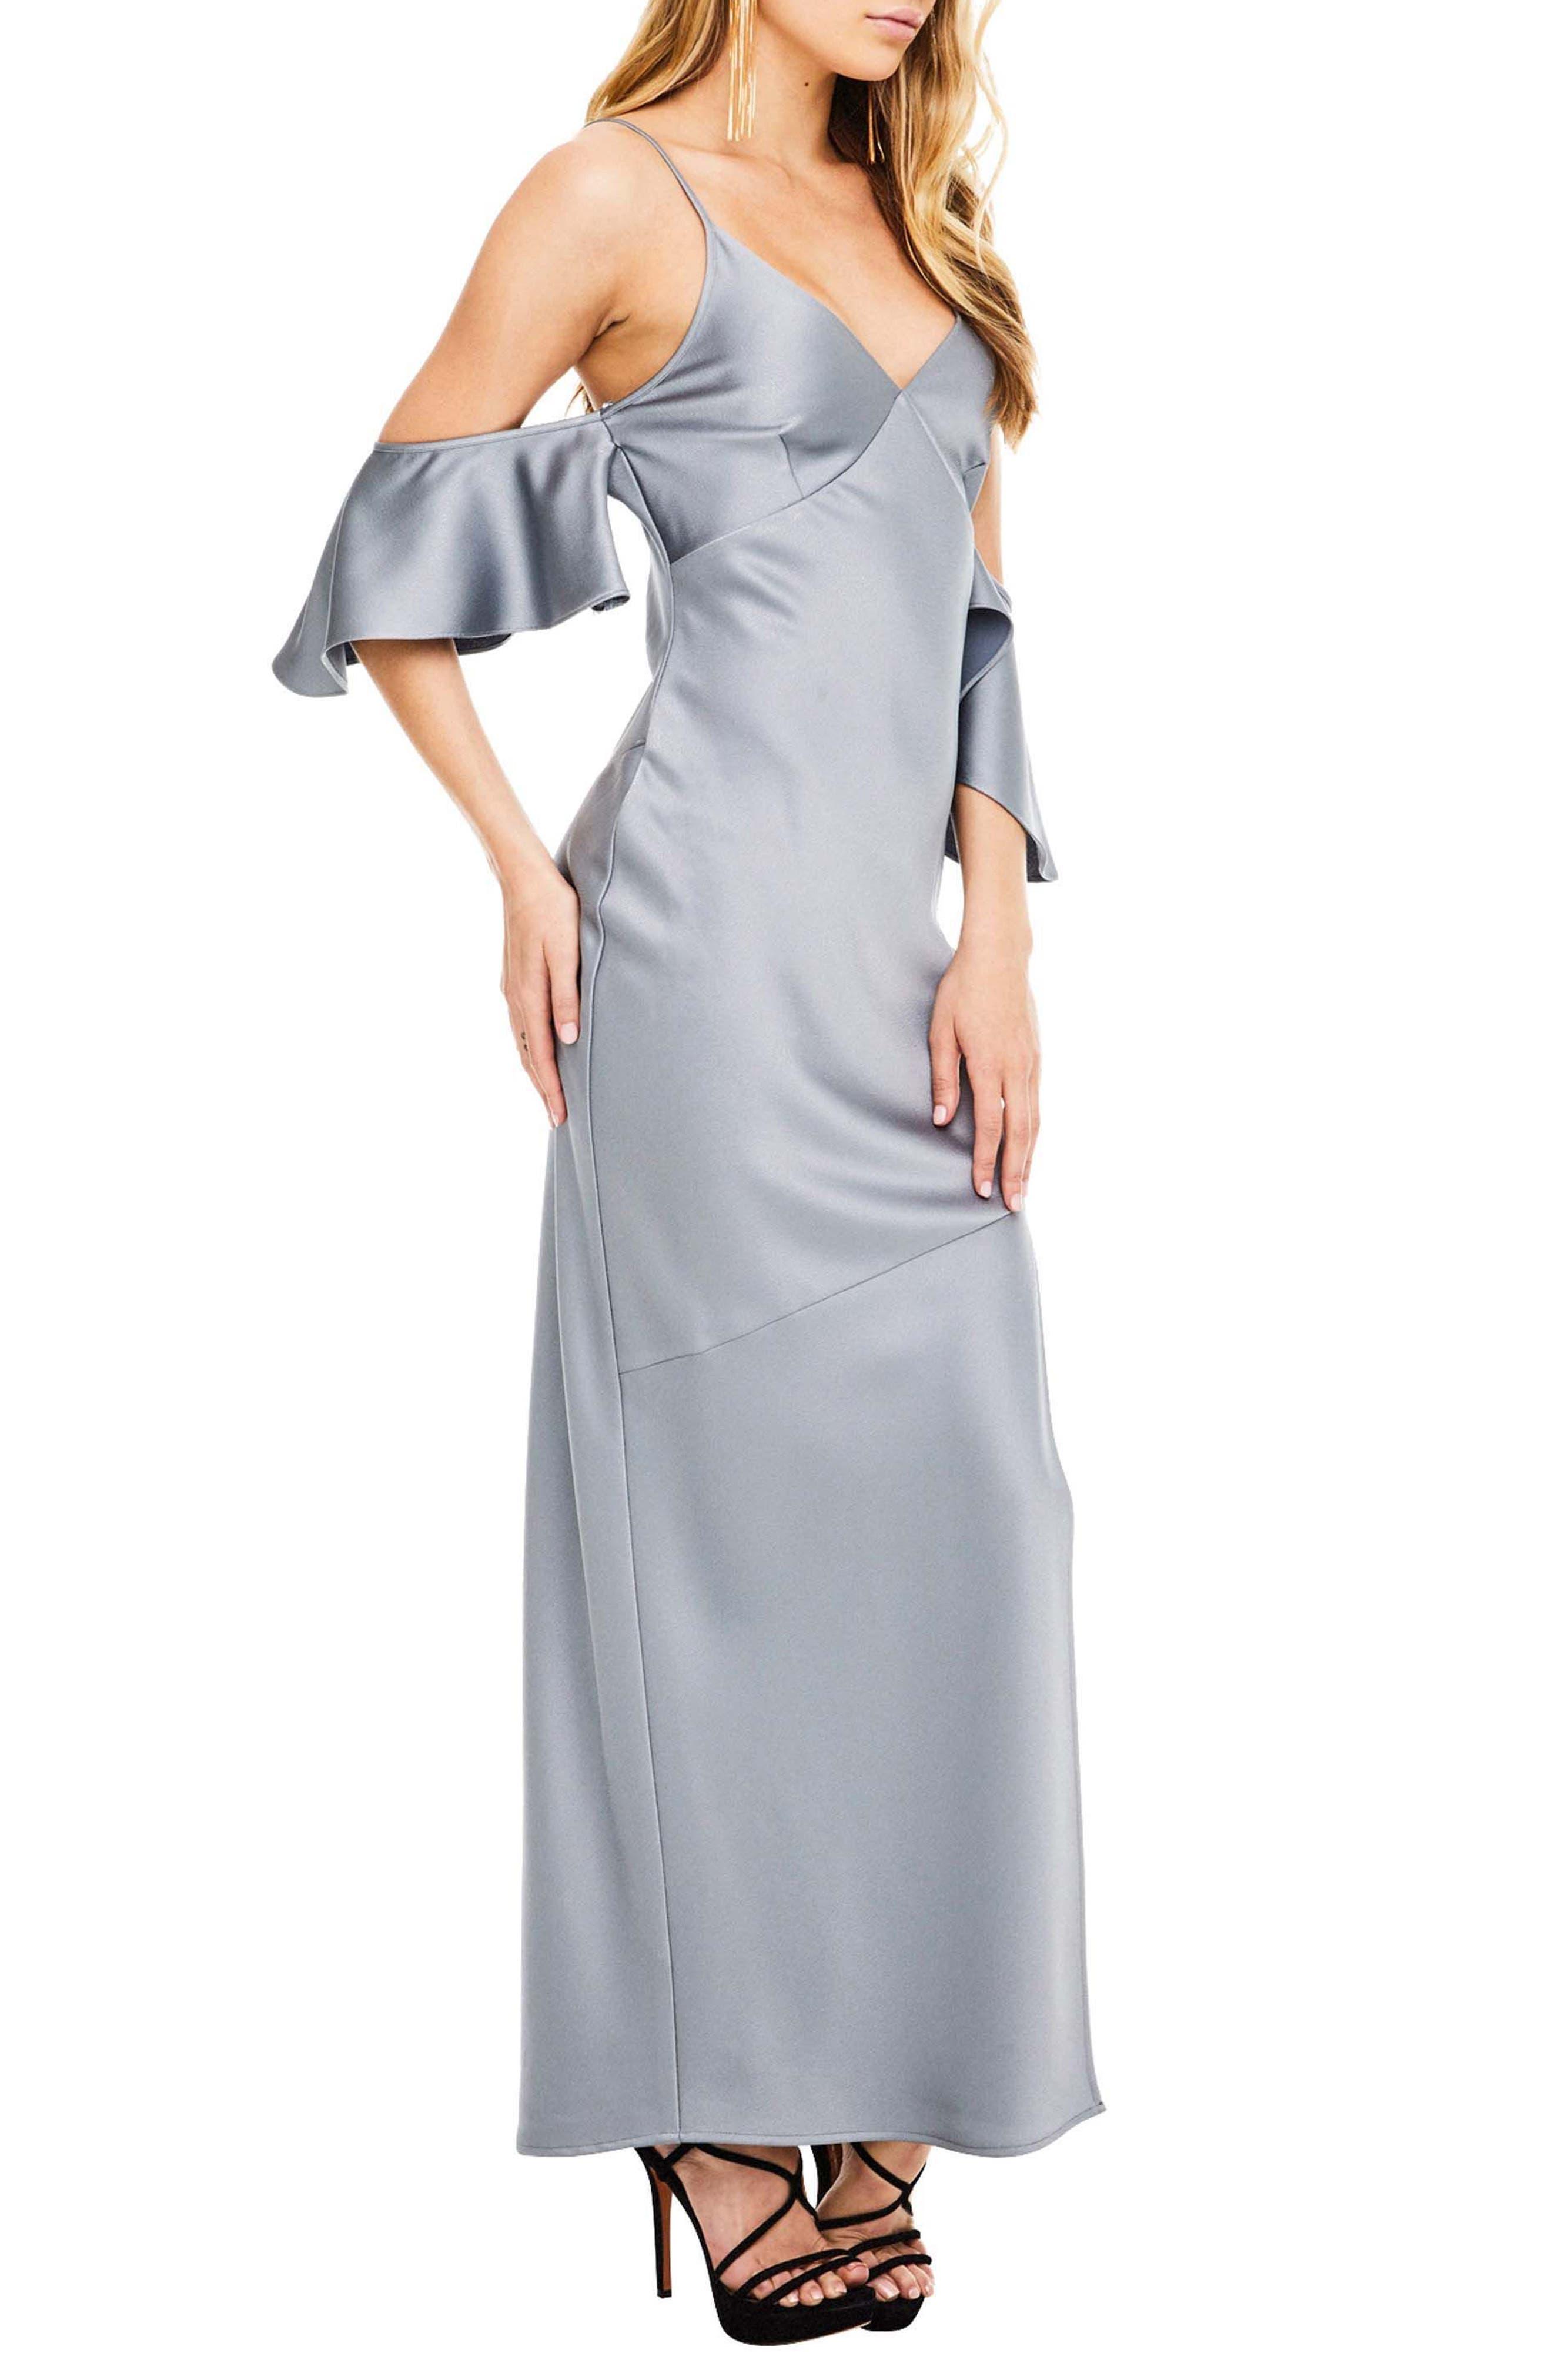 Kendra Maxi Dress,                             Alternate thumbnail 6, color,